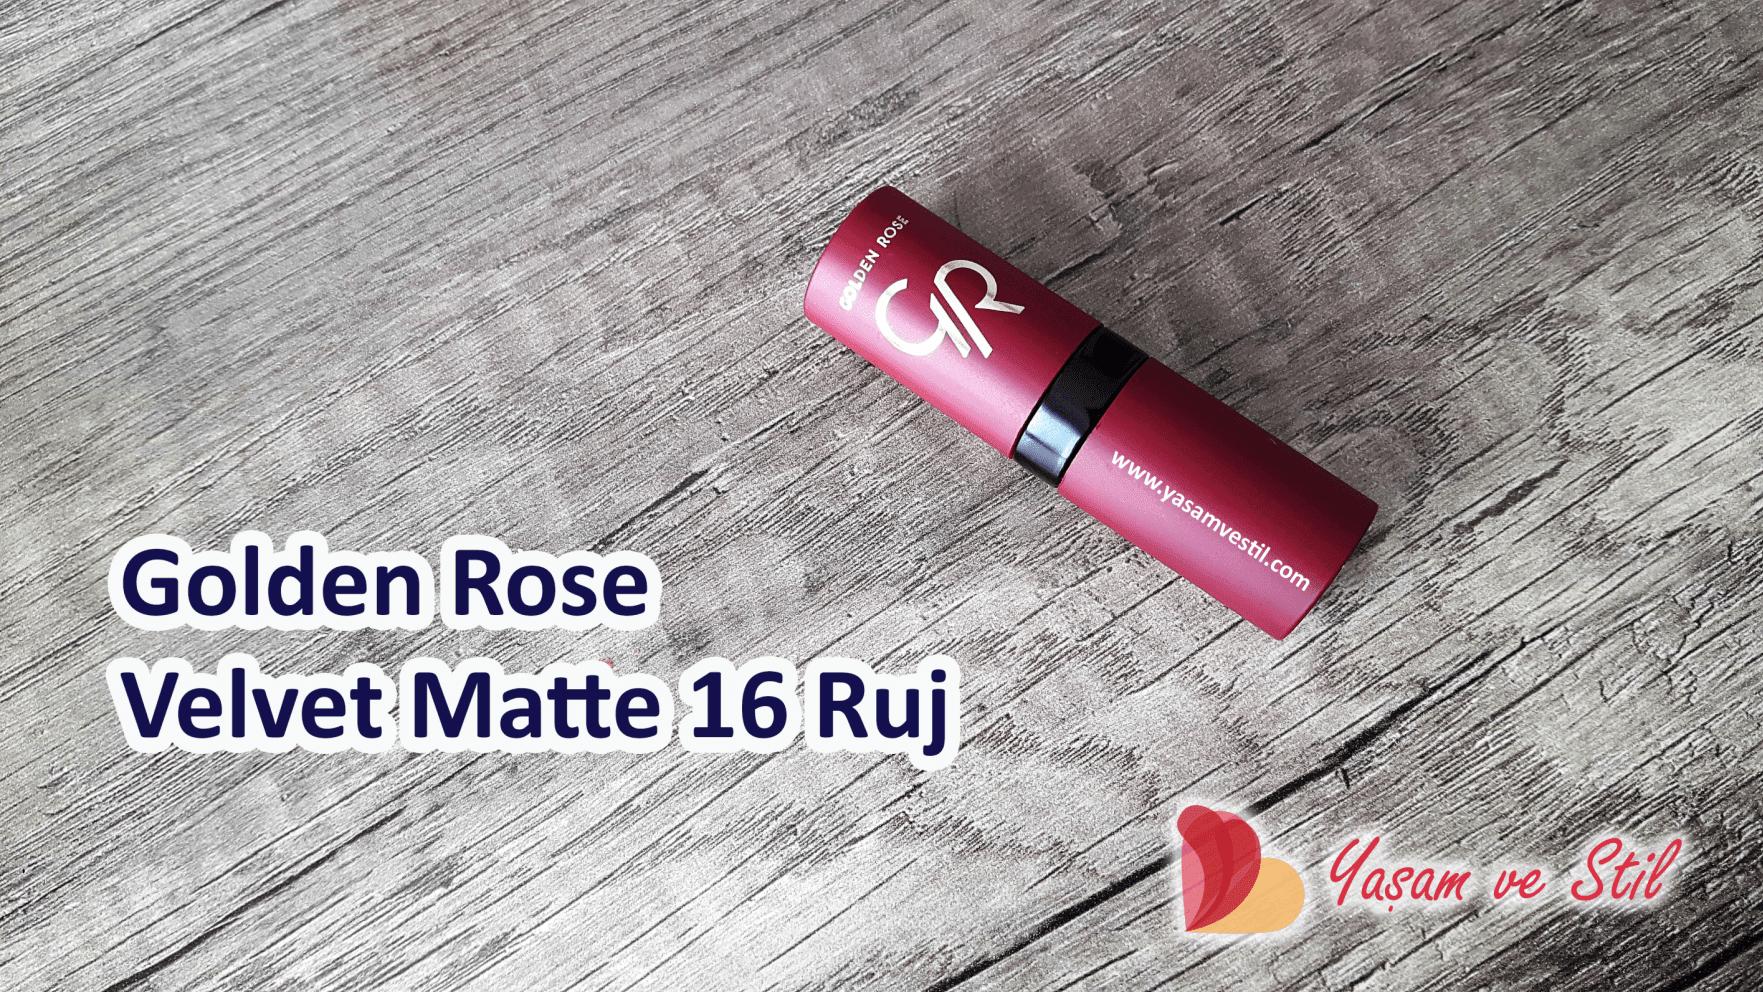 Golden Rose Velvet Matte Ruj 16